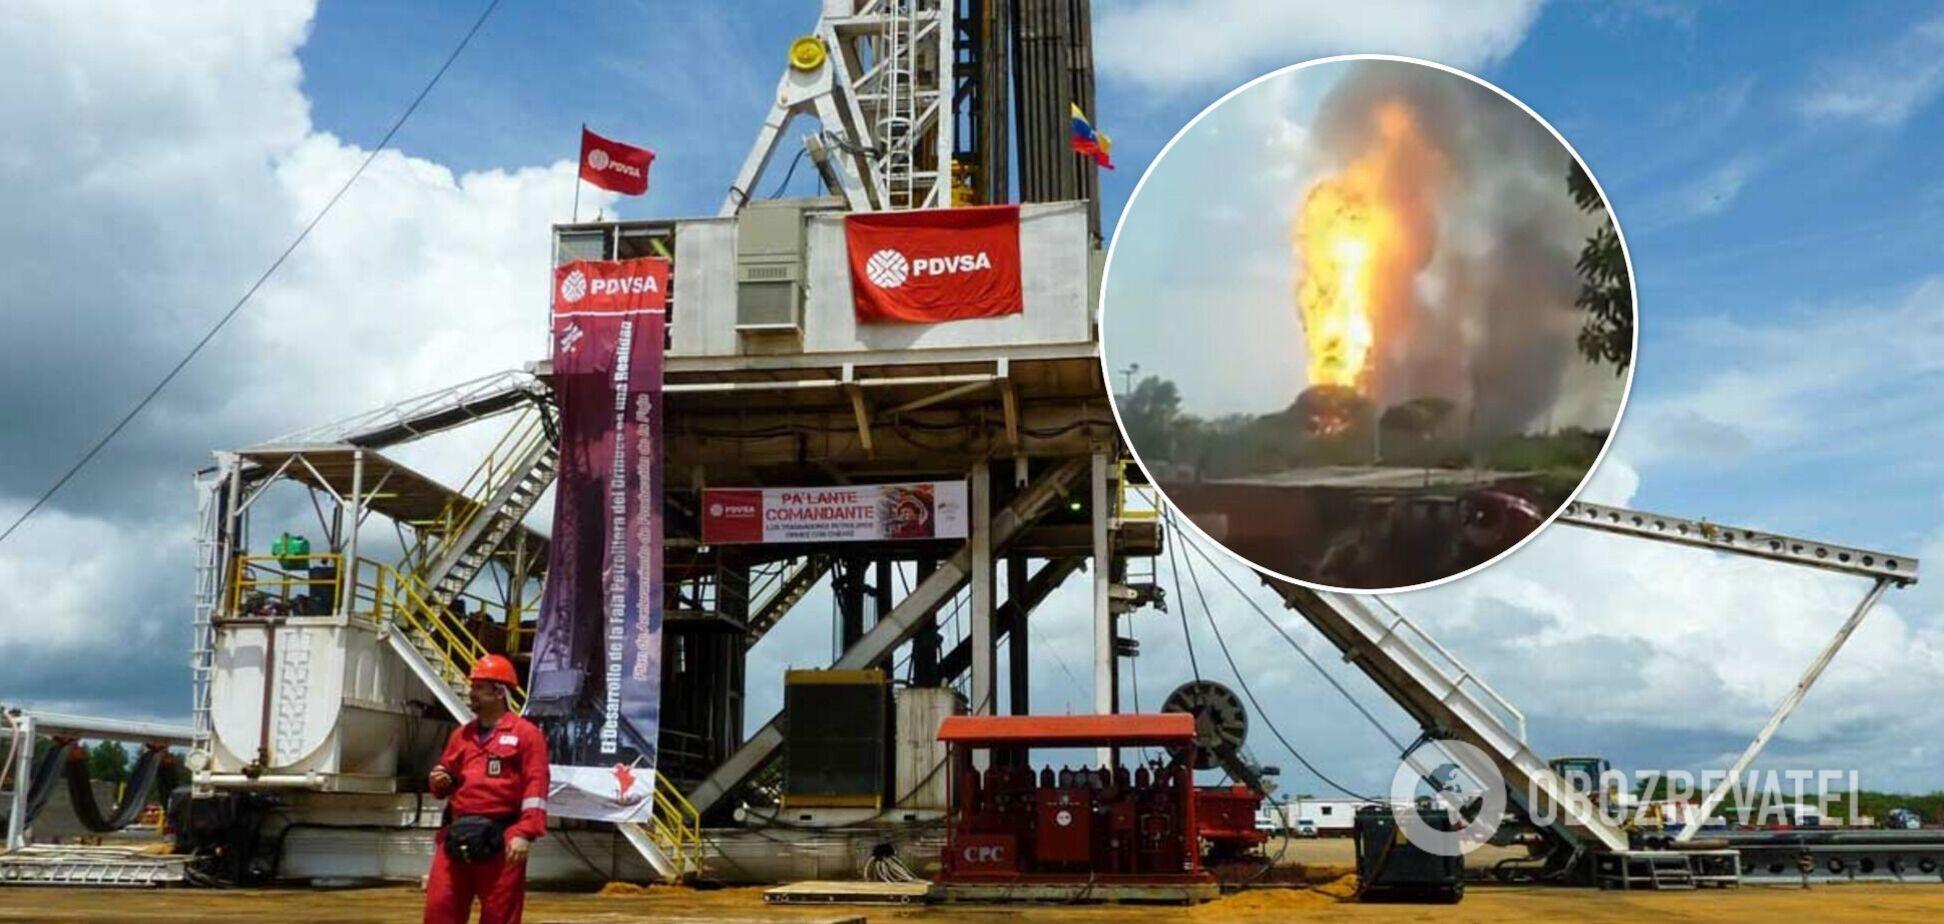 В Венесуэле произошел мощный взрыв на газовом заводе: власти заявили о теракте. Фото и видео